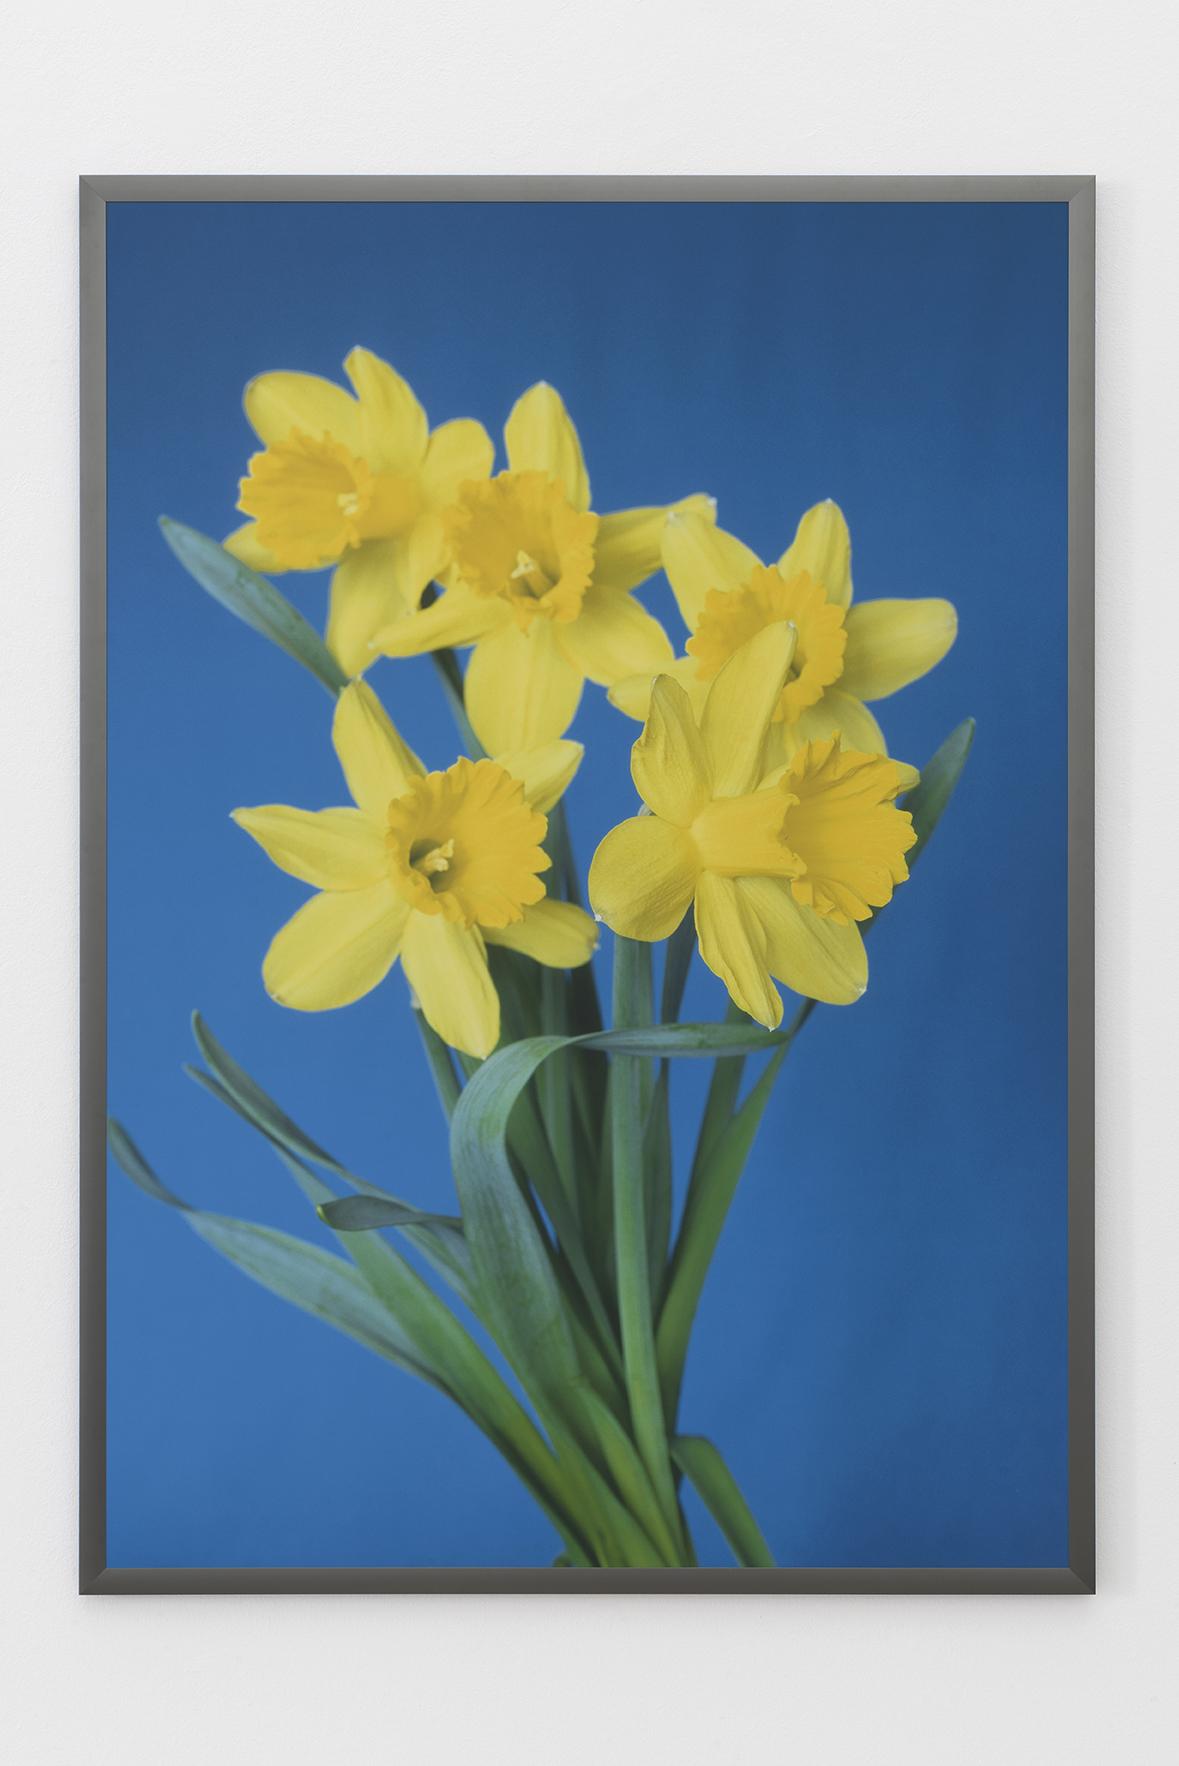 Blumenbild #58/120 (Iris), 2006 |  | ProjecteSD